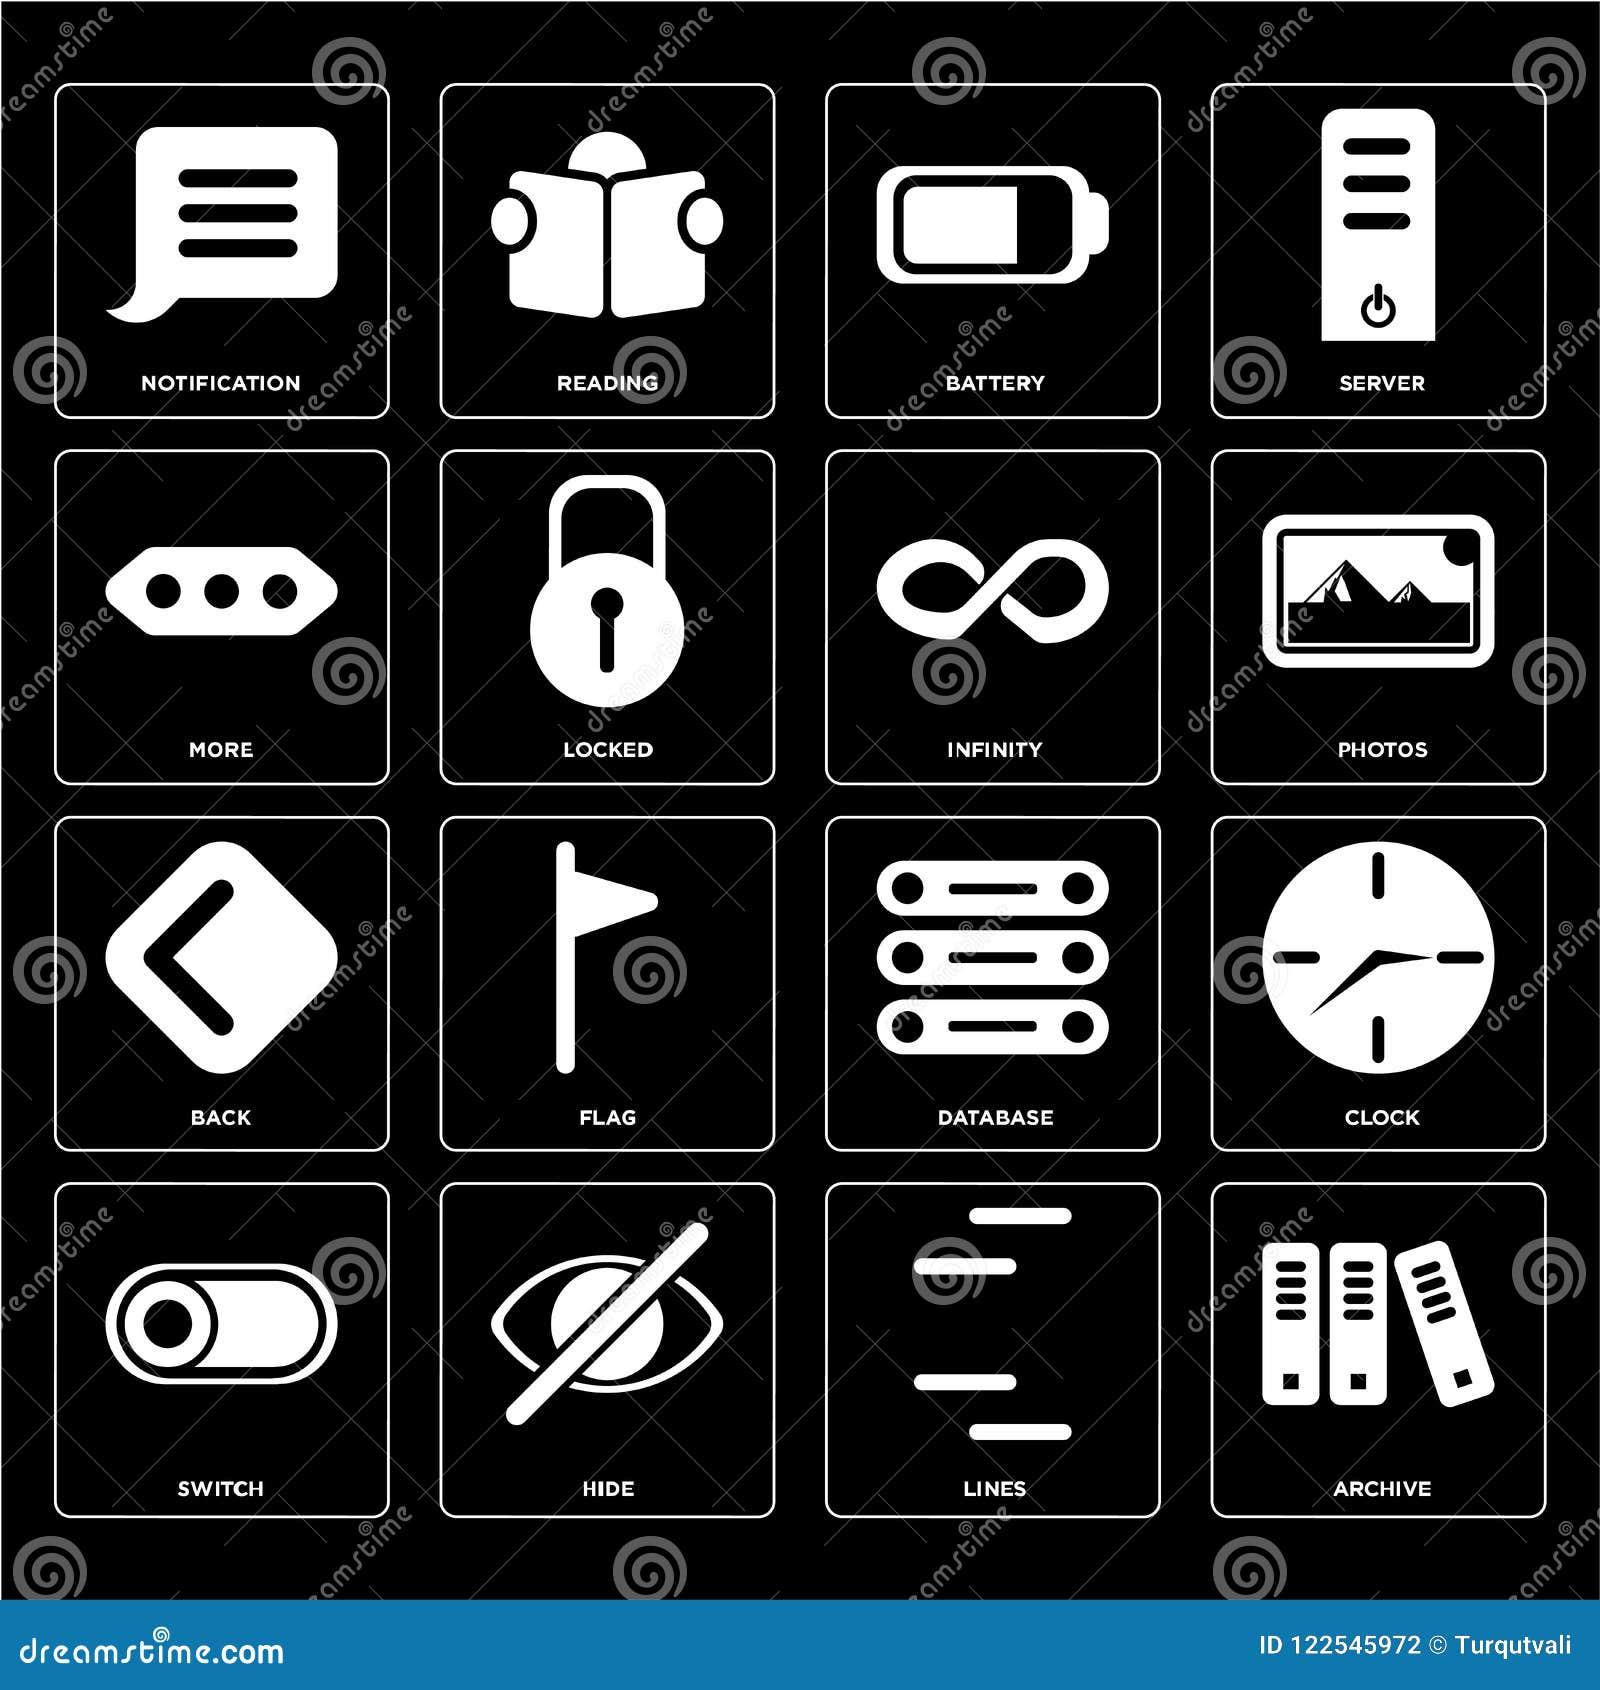 Satz des Archivs, Linien, Schalter, Datenbank, Rückseite, Unendlichkeit, mehr, B